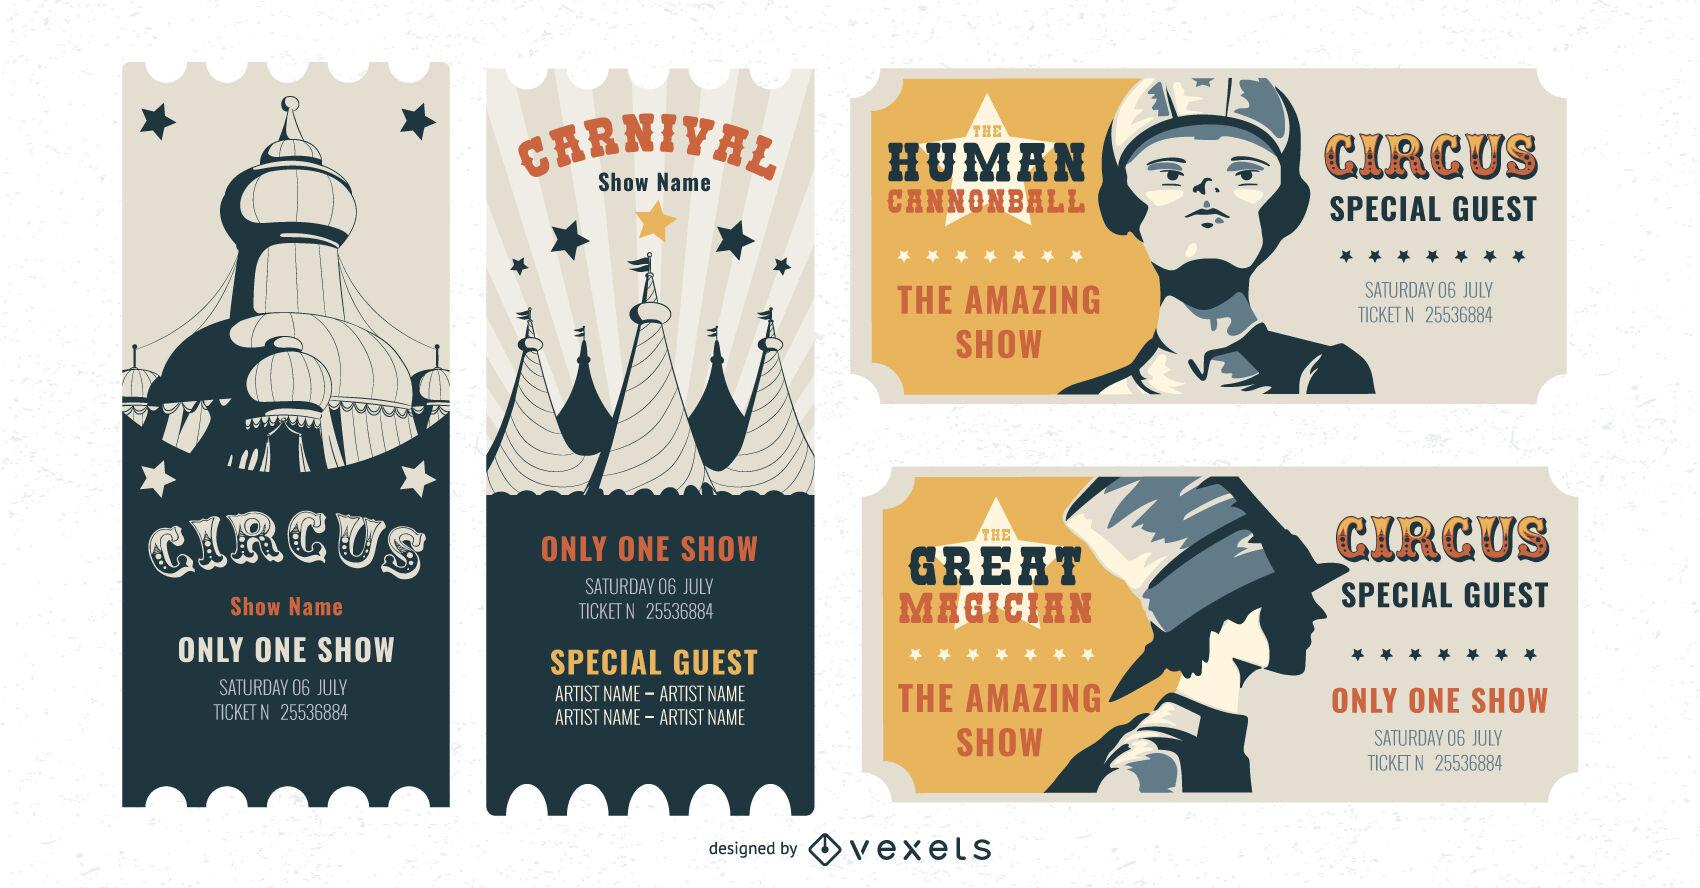 Paquete de diseño de entradas de circo